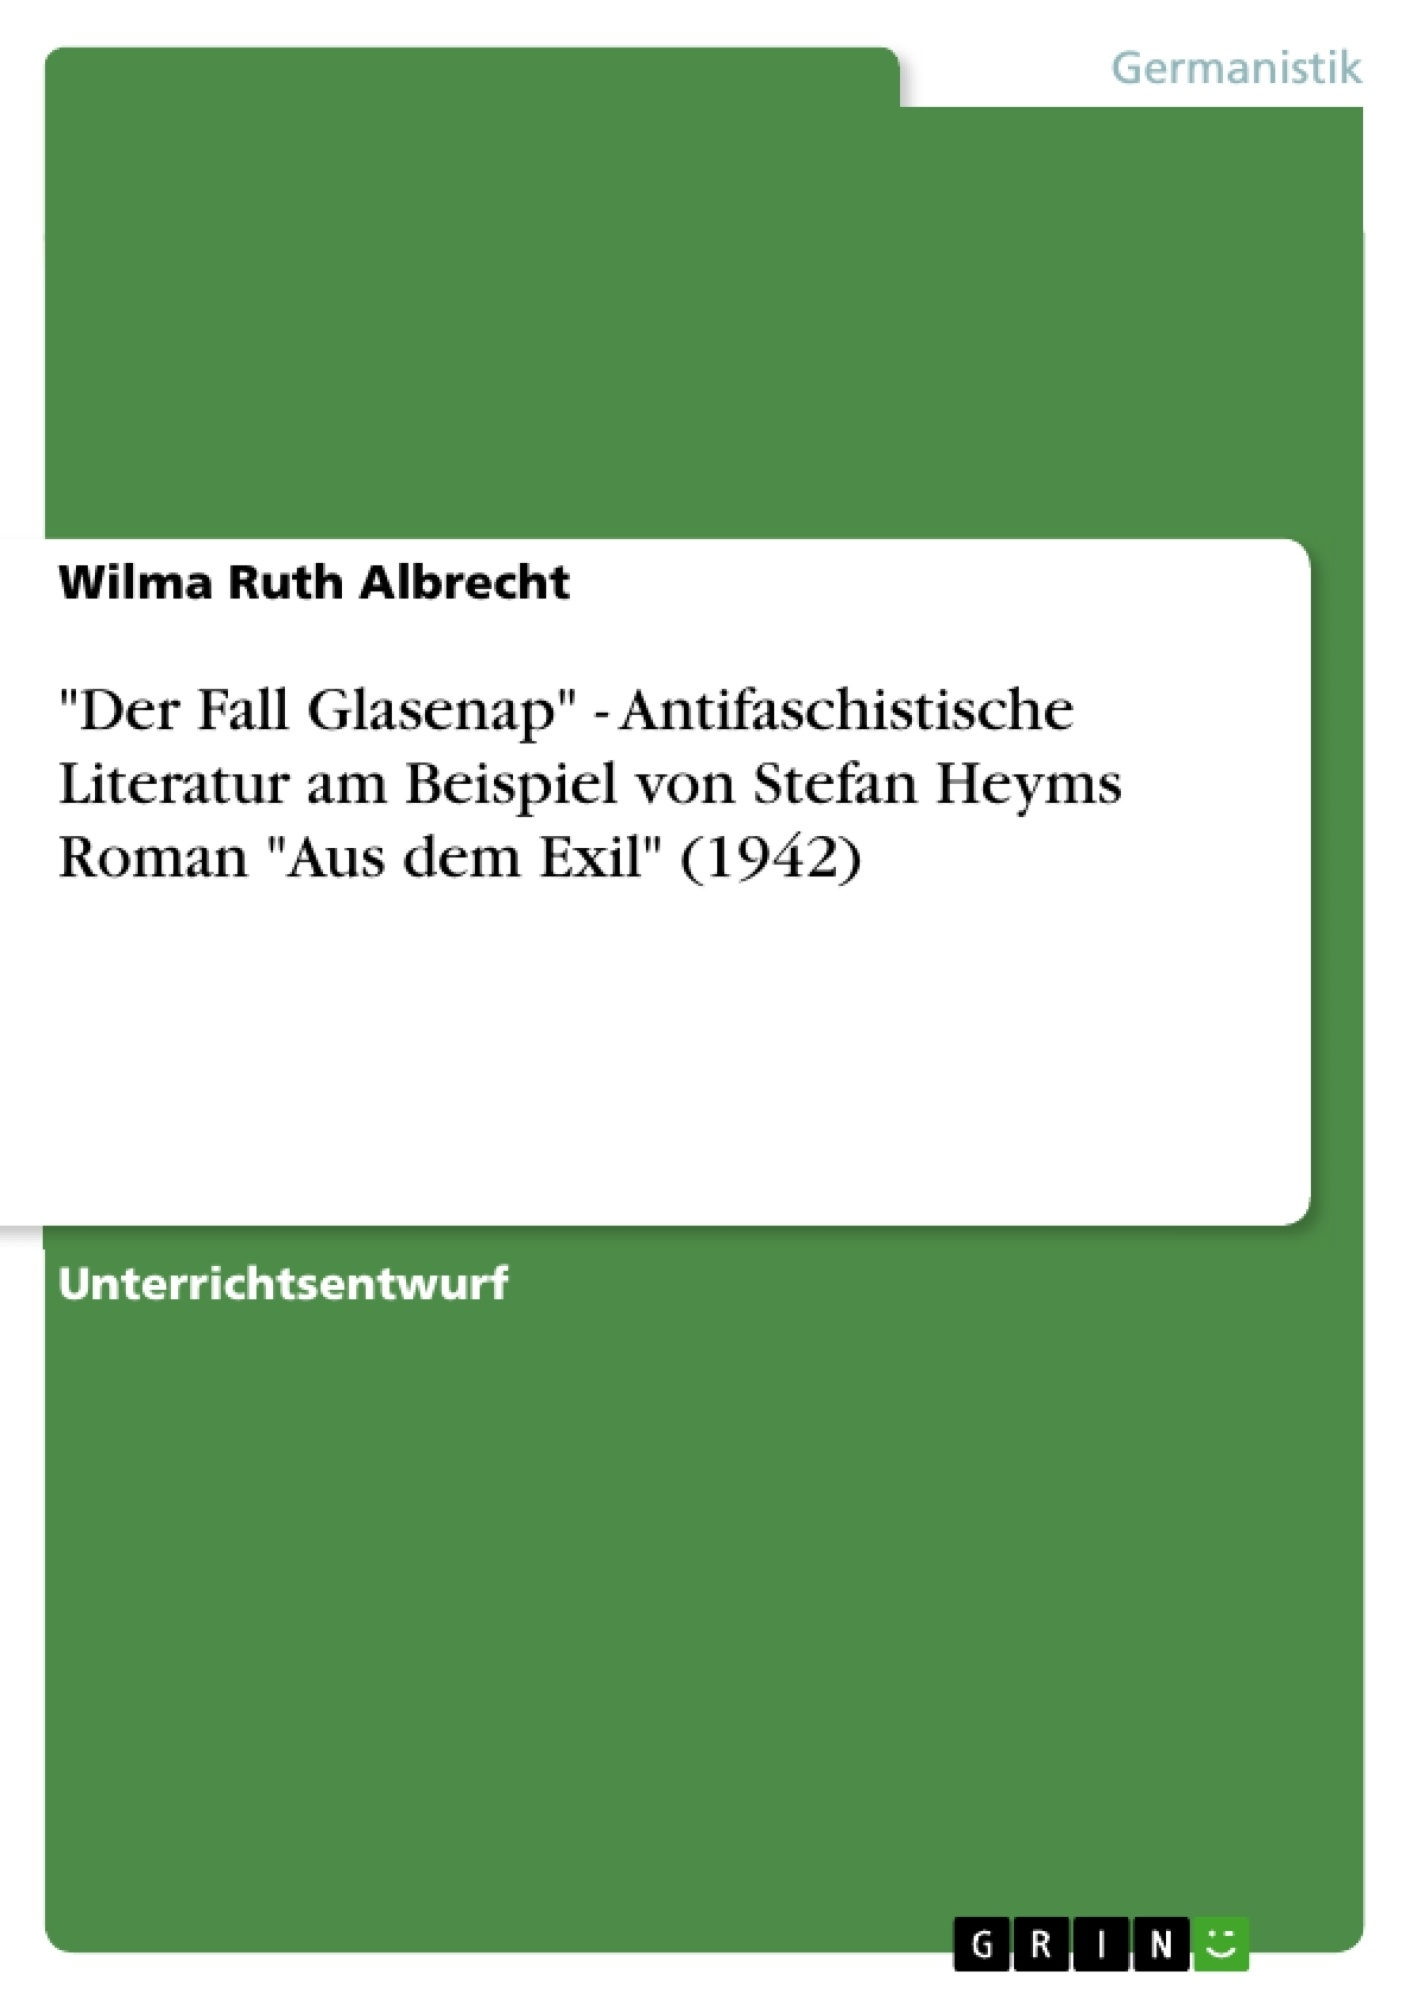 """Titel: """"Der Fall Glasenap"""" - Antifaschistische Literatur am Beispiel von Stefan Heyms Roman """"Aus dem Exil"""" (1942)"""